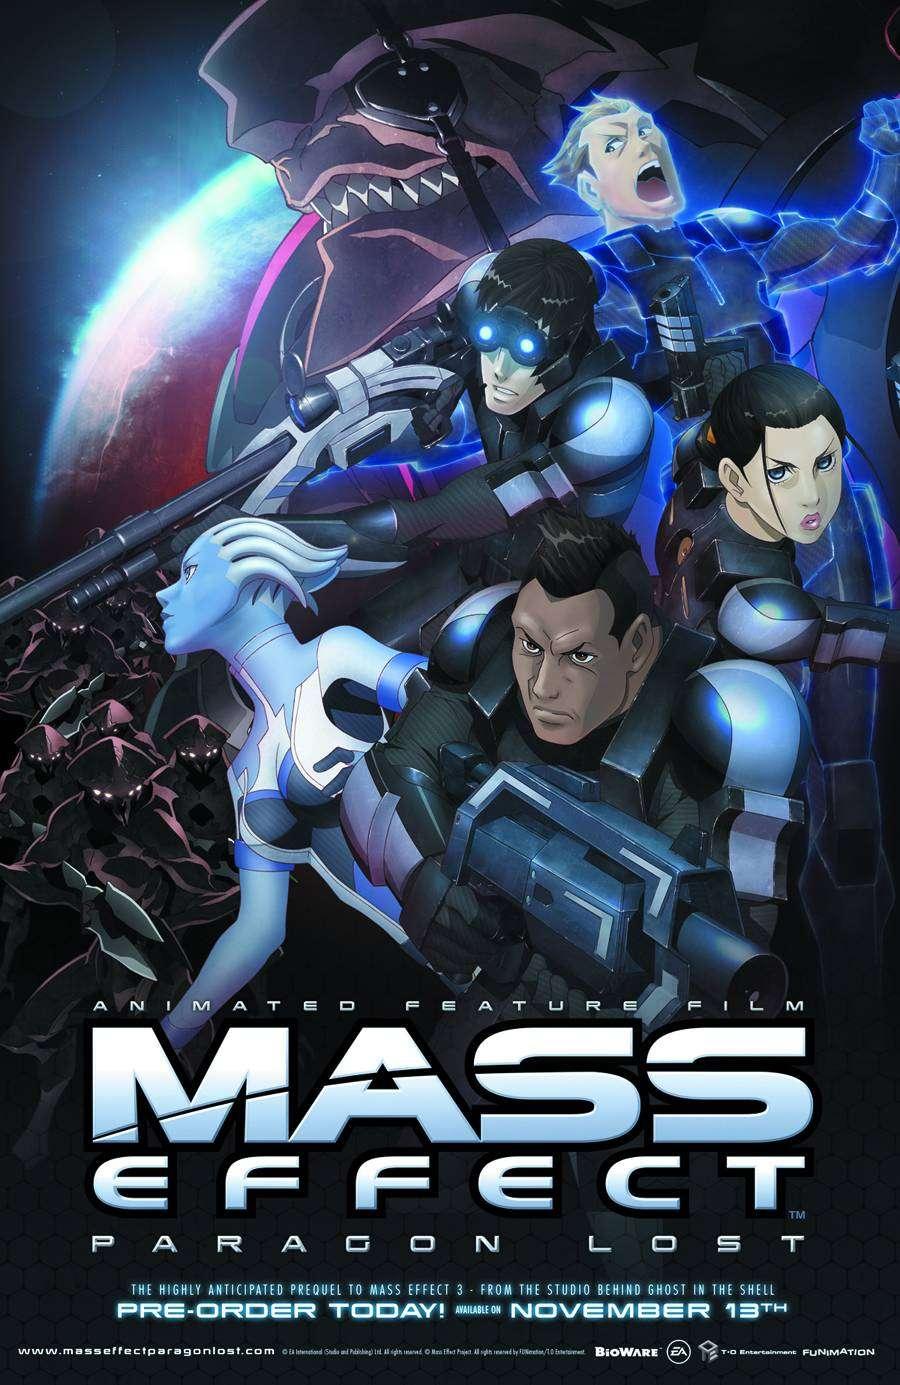 Mass Effect Paragon Lost - 2012 720p BDRip XviD AC3 - Türkçe Altyazılı indir